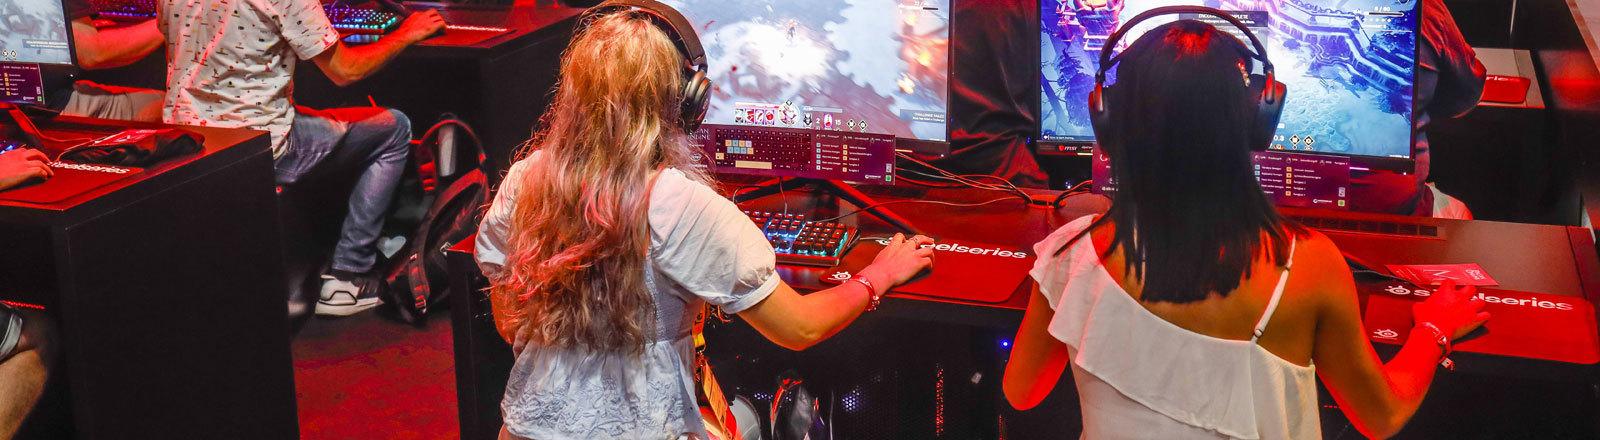 Jugendliche auf der Gamescom 2019